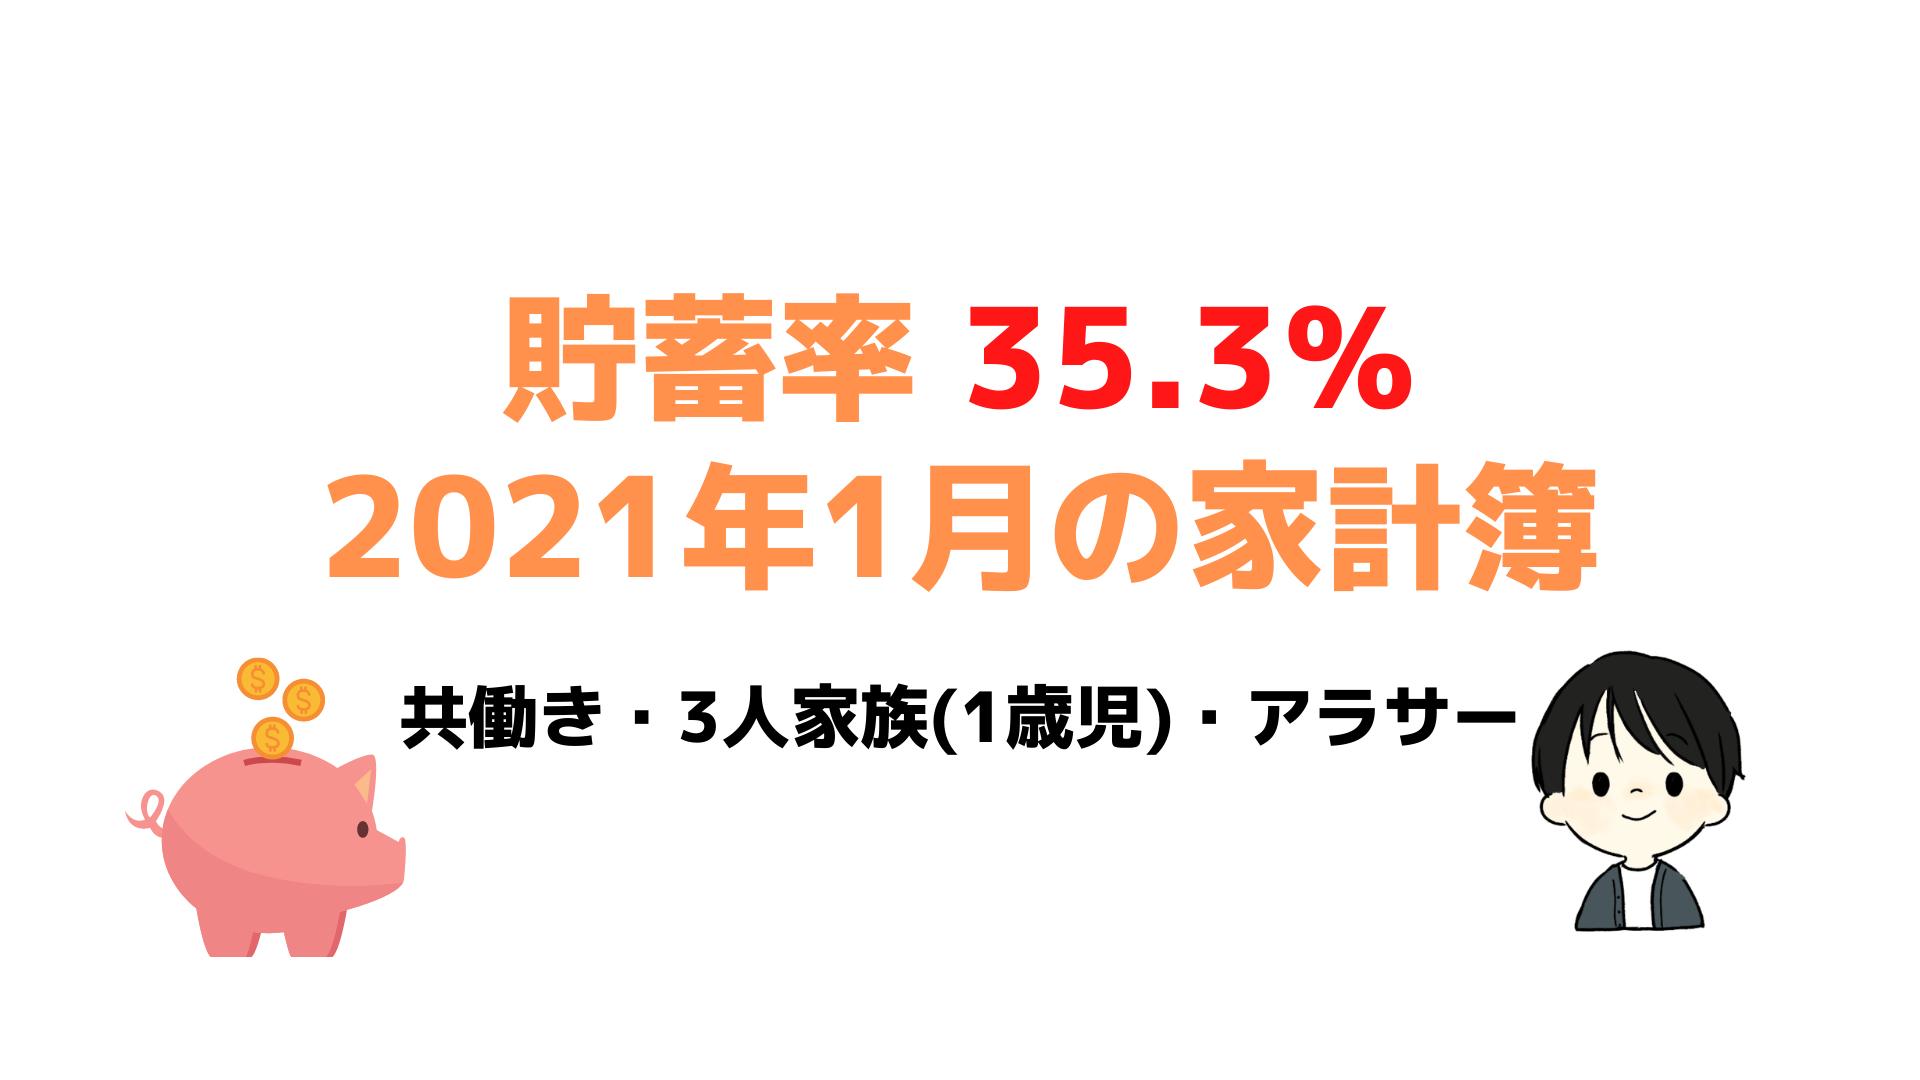 1月家計簿の報告